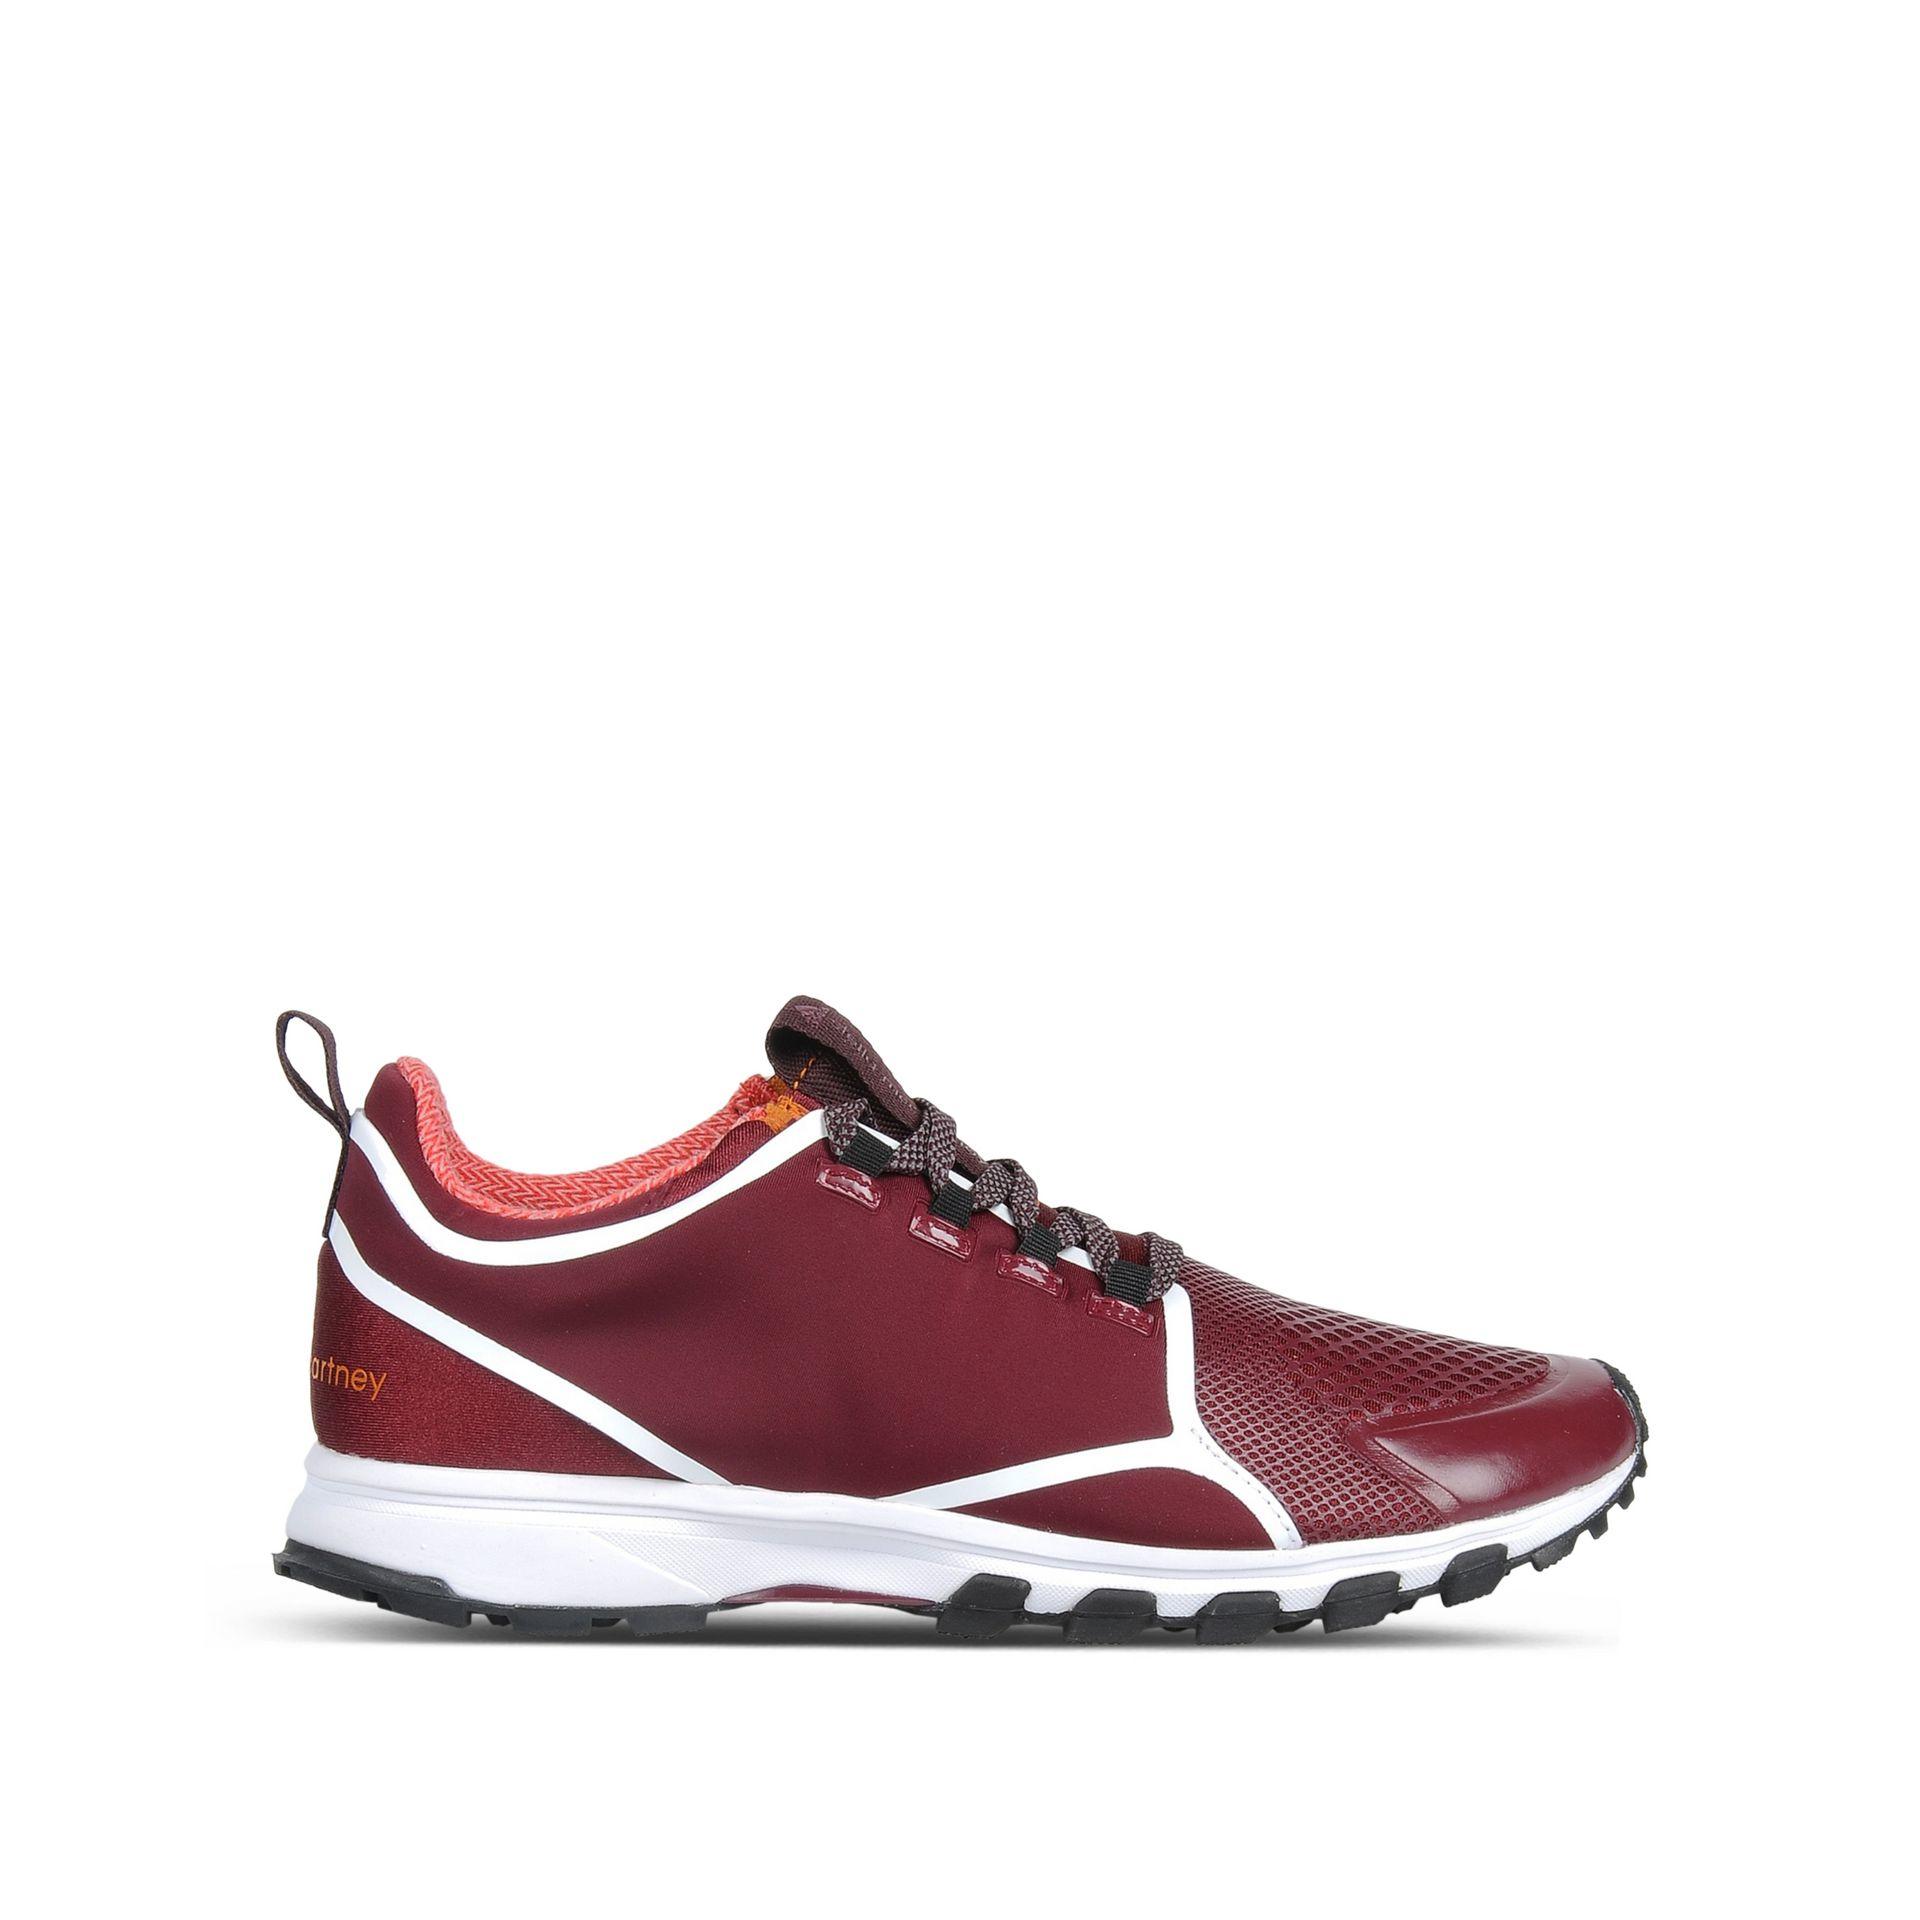 Adizero Adiprene Running Shoes